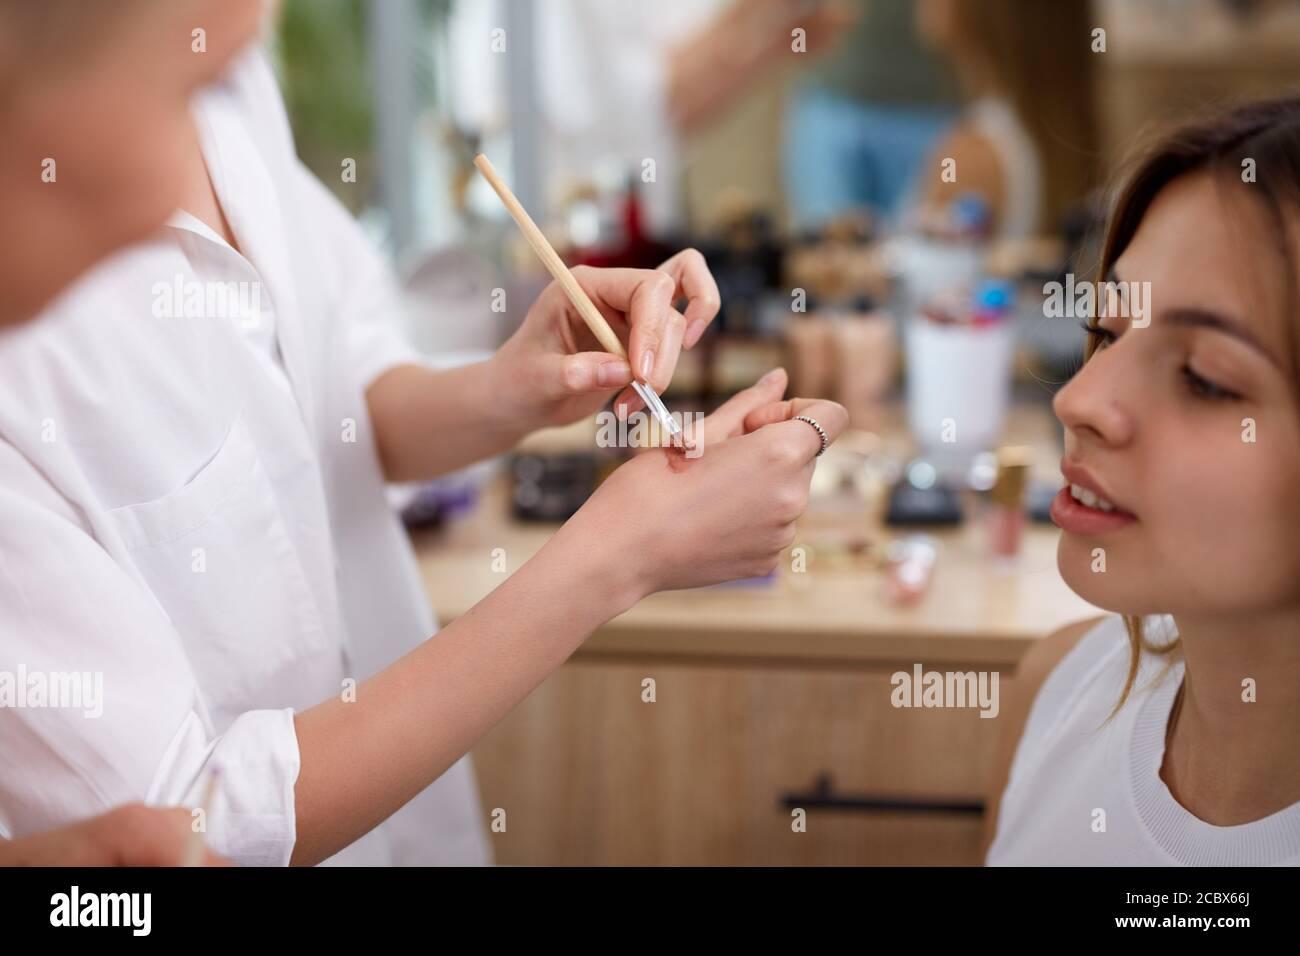 il professionista make-up artista o visagist applica i cosmetici a portata di mano prima di applicarli sul viso, in salone di bellezza Foto Stock